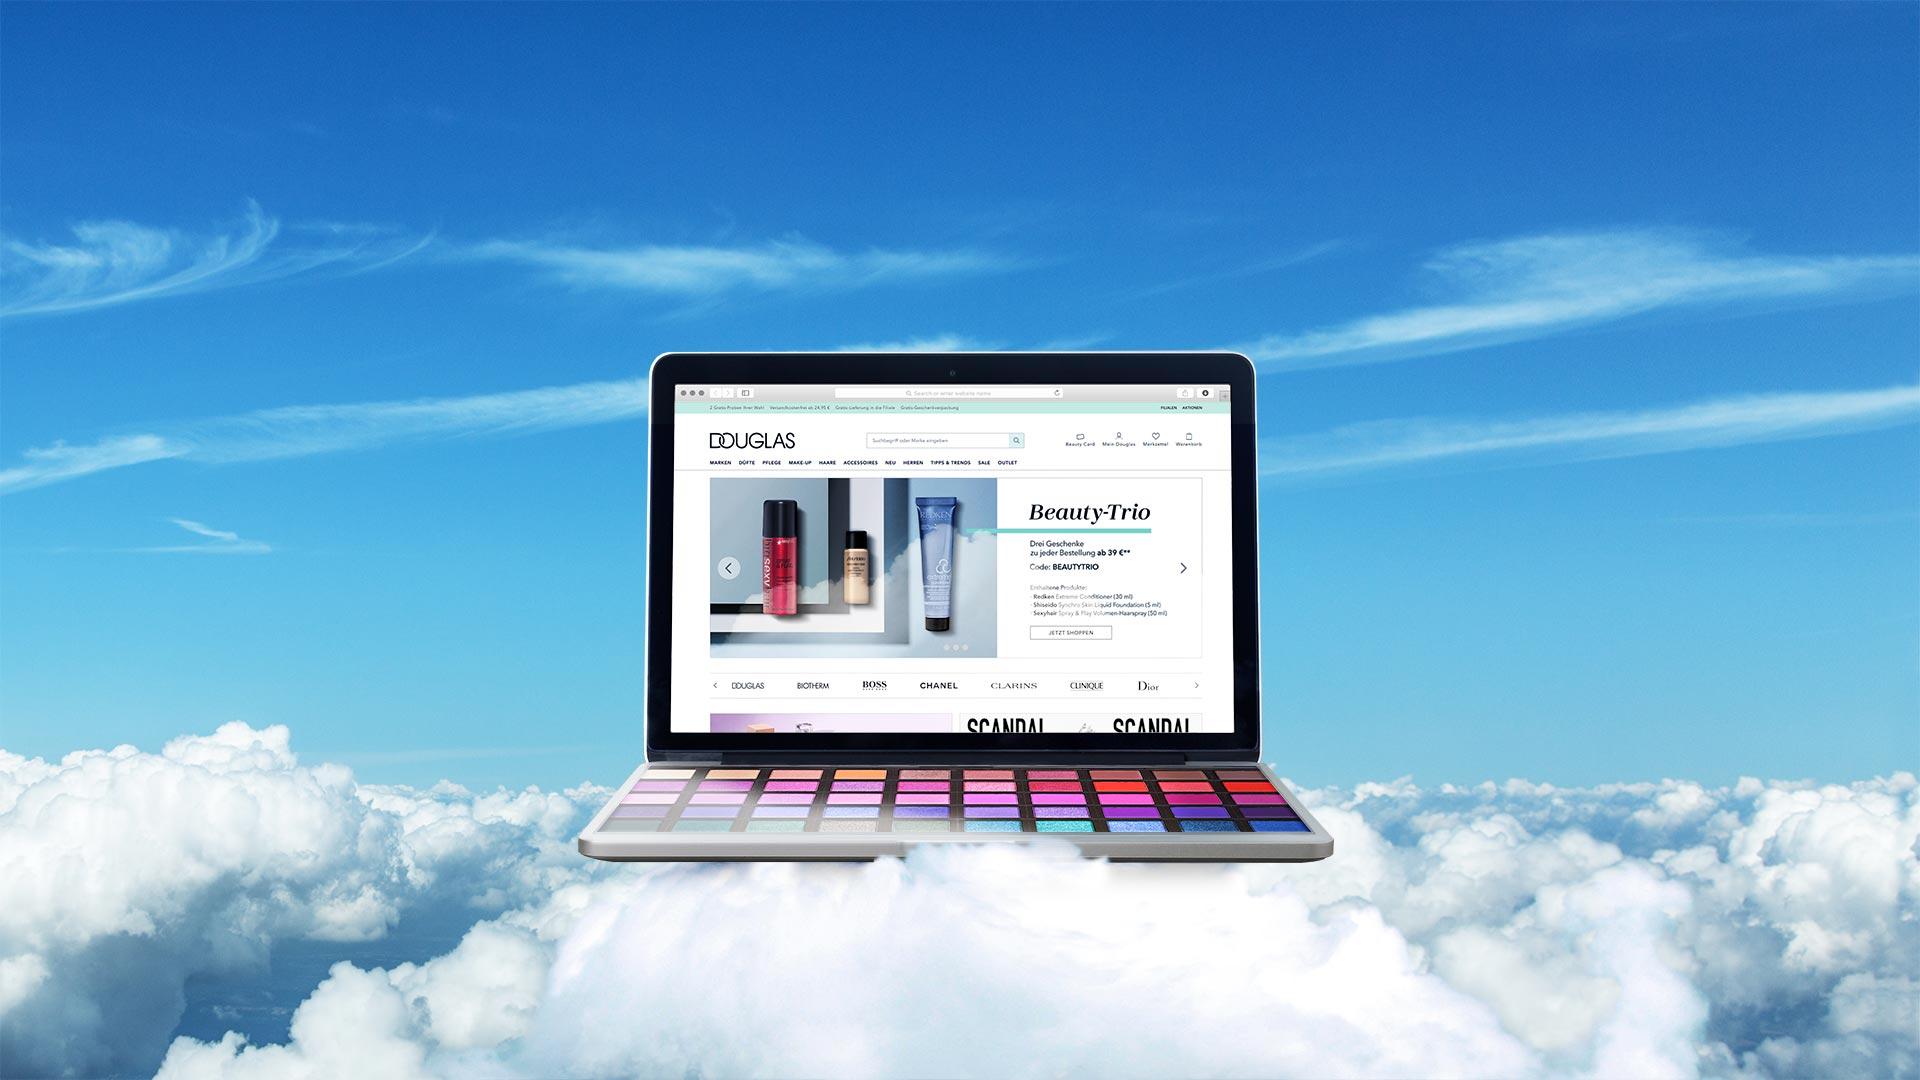 OpenStack: Perfekter Webauftritt für Douglas